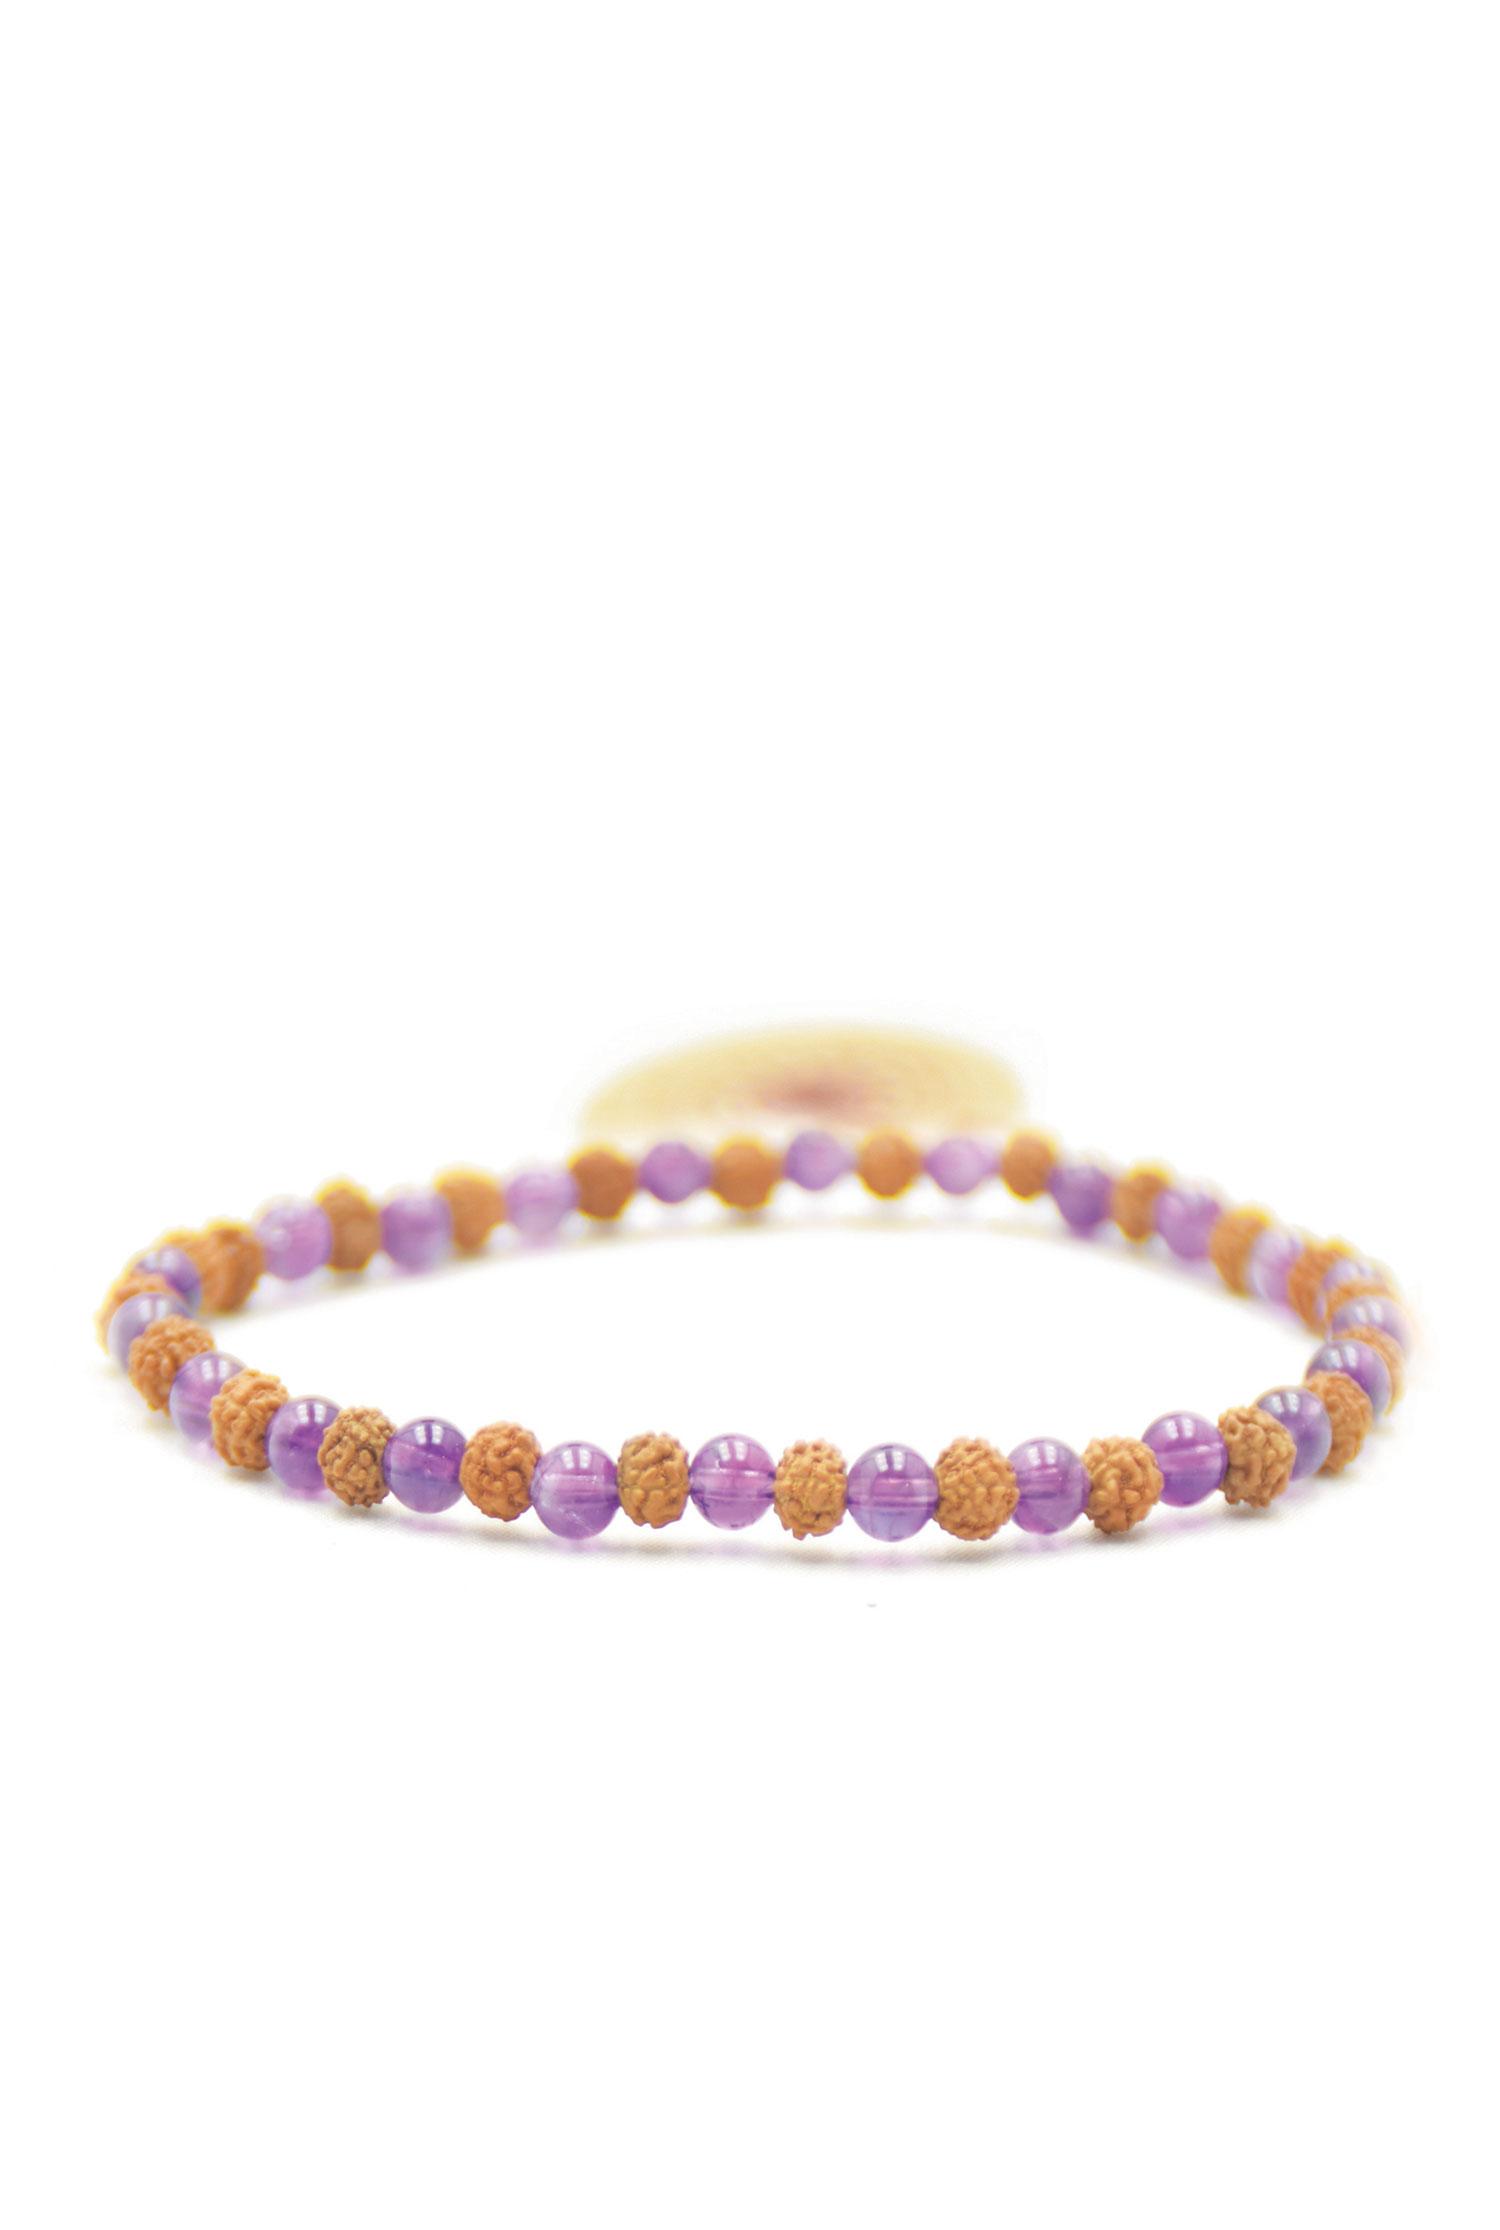 Wisdom-mala-bracelet